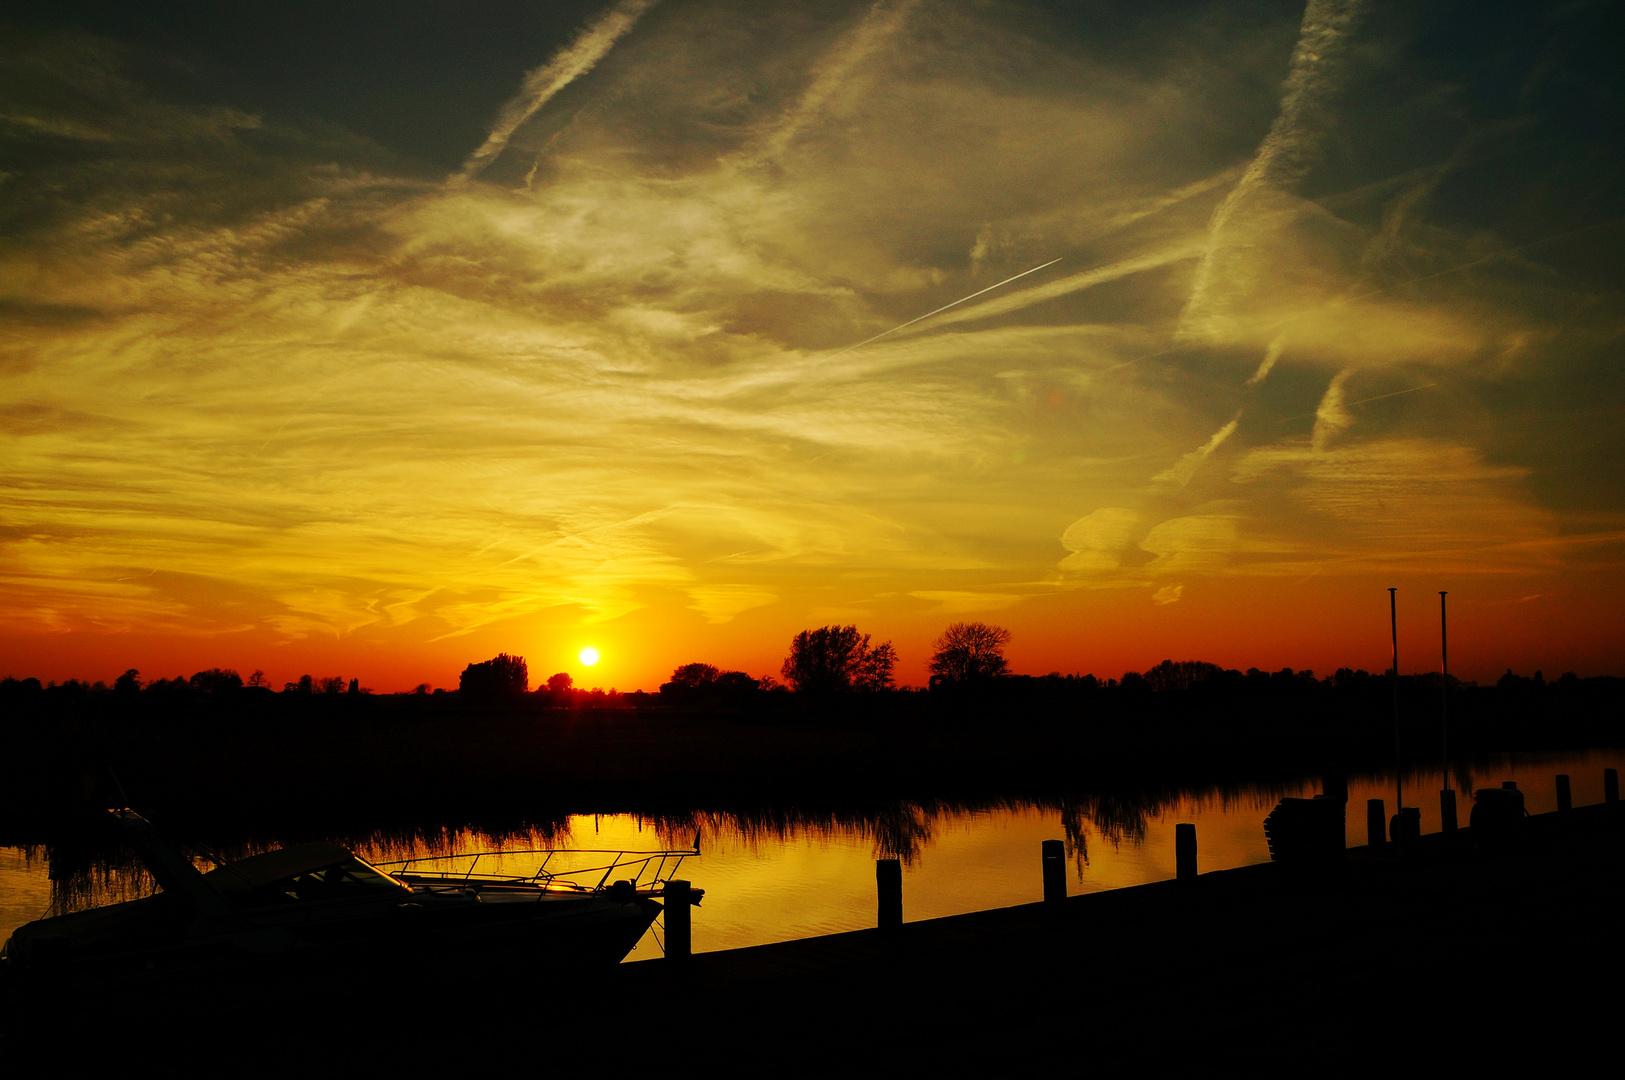 Sonnenuntergang an einem kleinen Hafen in Holland